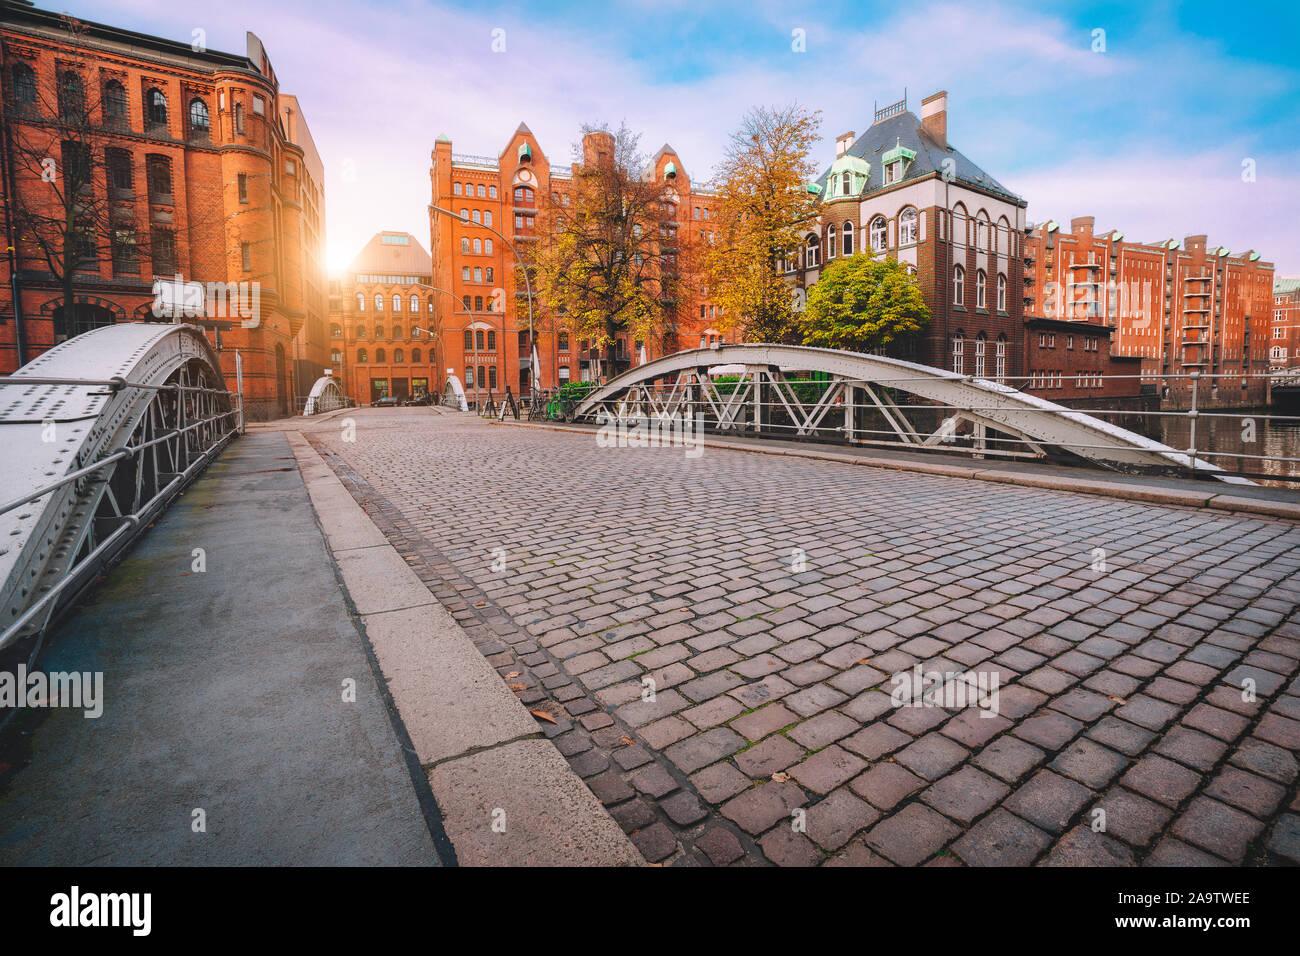 Ponte di arco su canali con acciottolato nella Speicherstadt di Amburgo, Germania, Europa. Storico edificio di mattoni rossi accesi dal tramonto dorato luce n Foto Stock